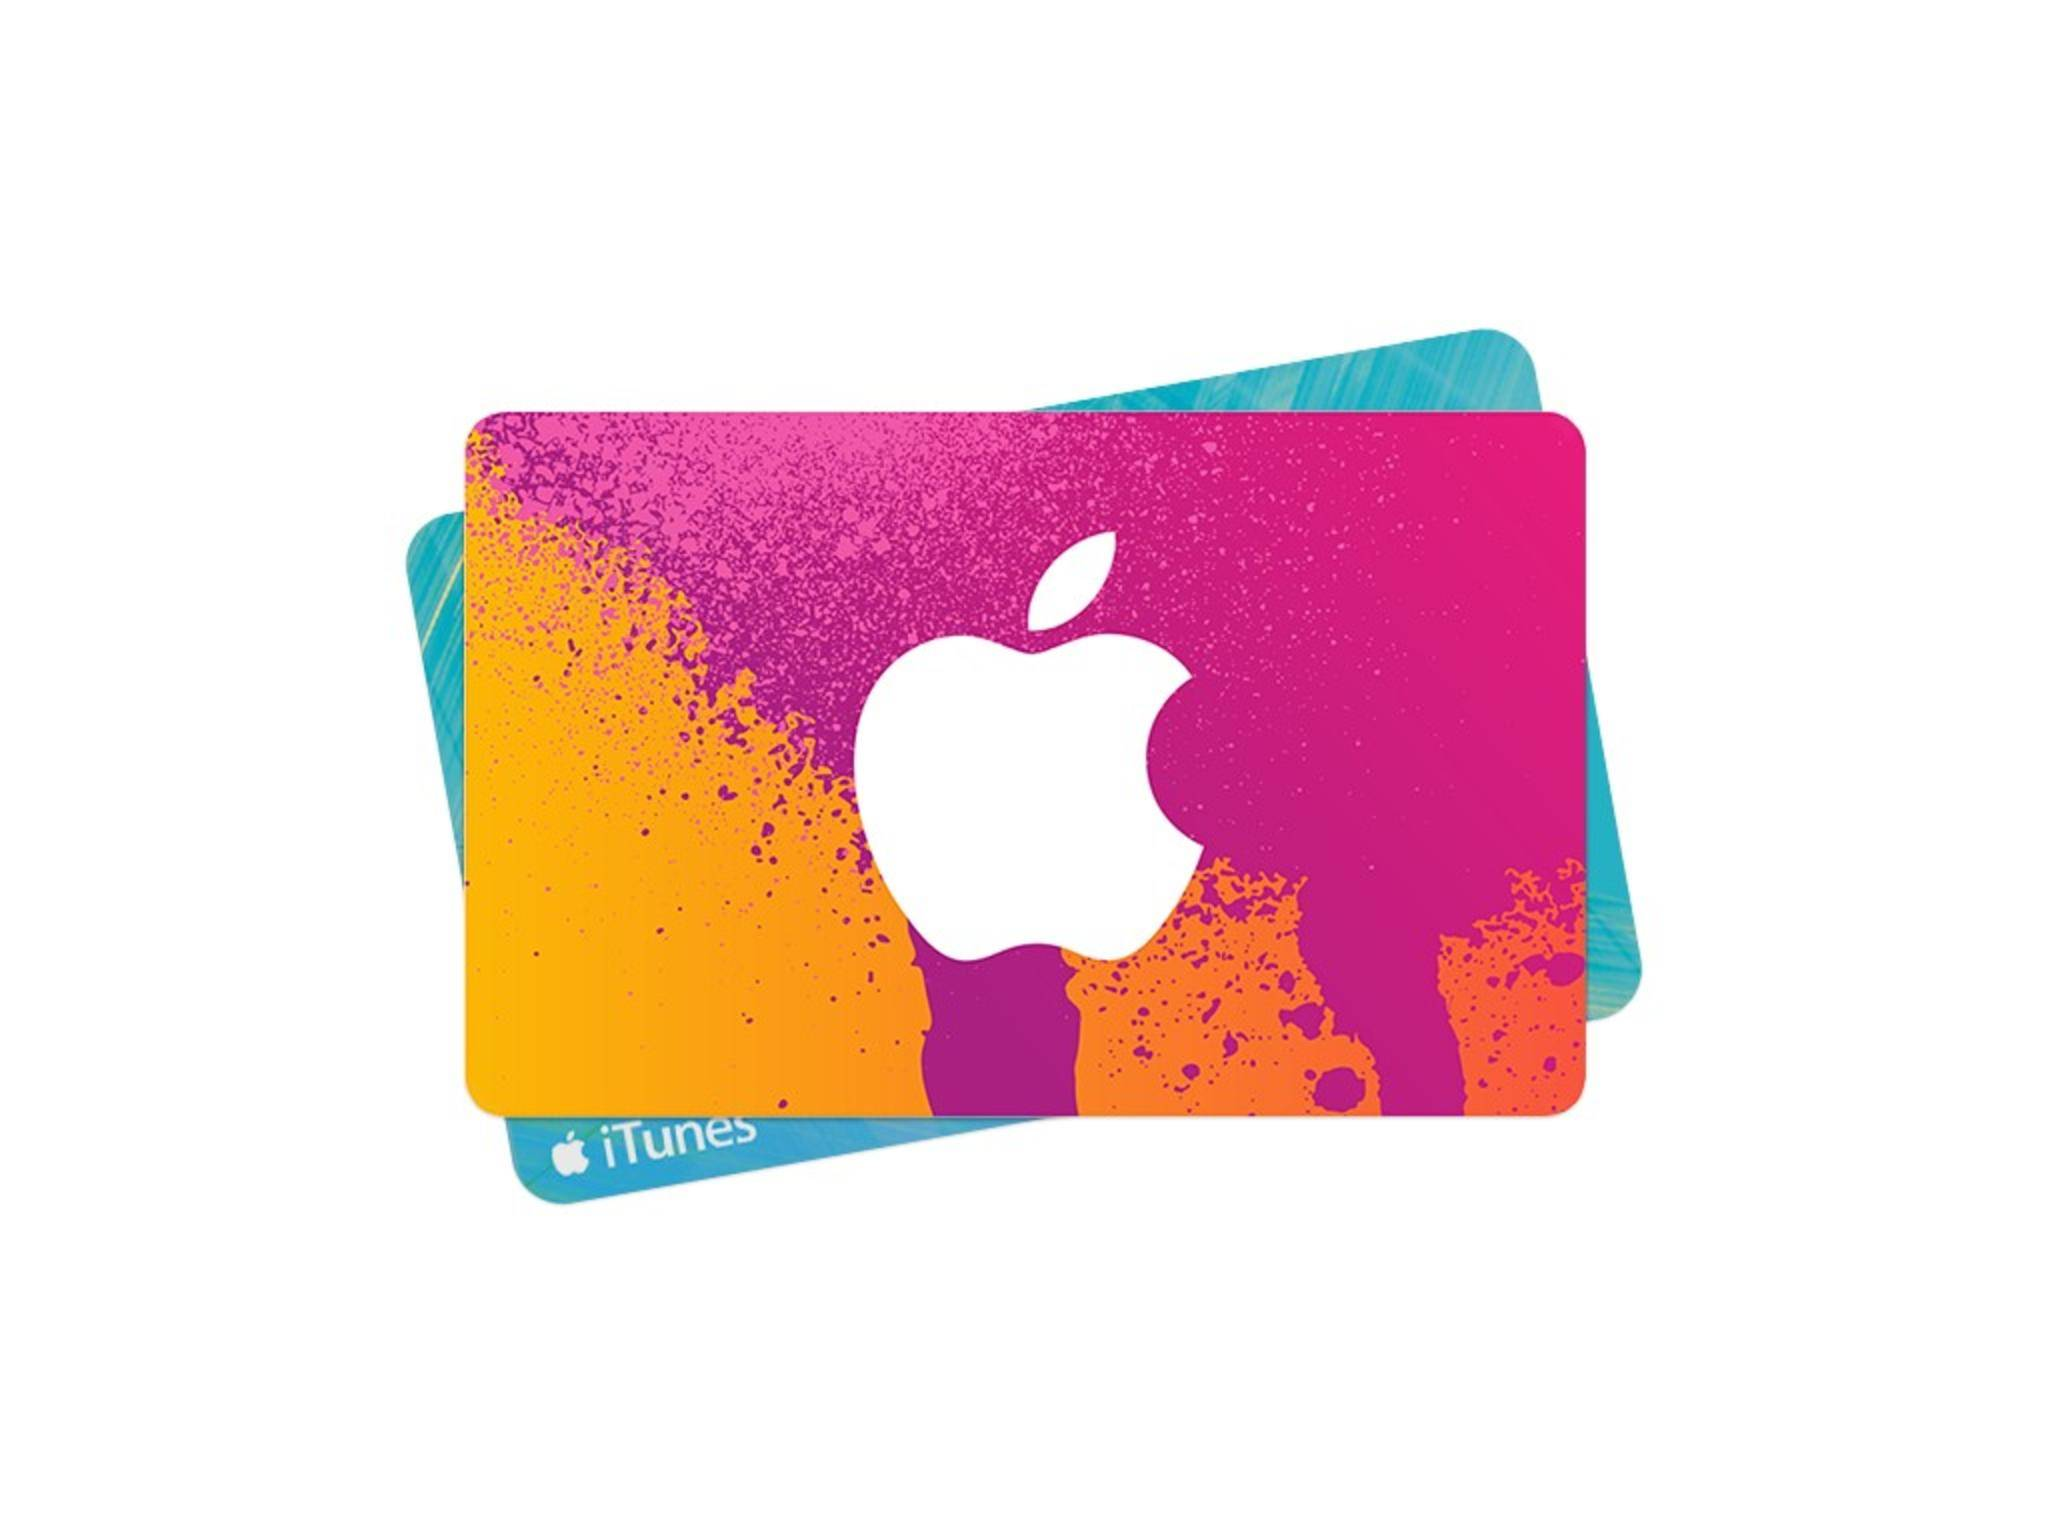 Trickbetrüger haben die iTunes-Geschenkkarten für sich entdeckt.